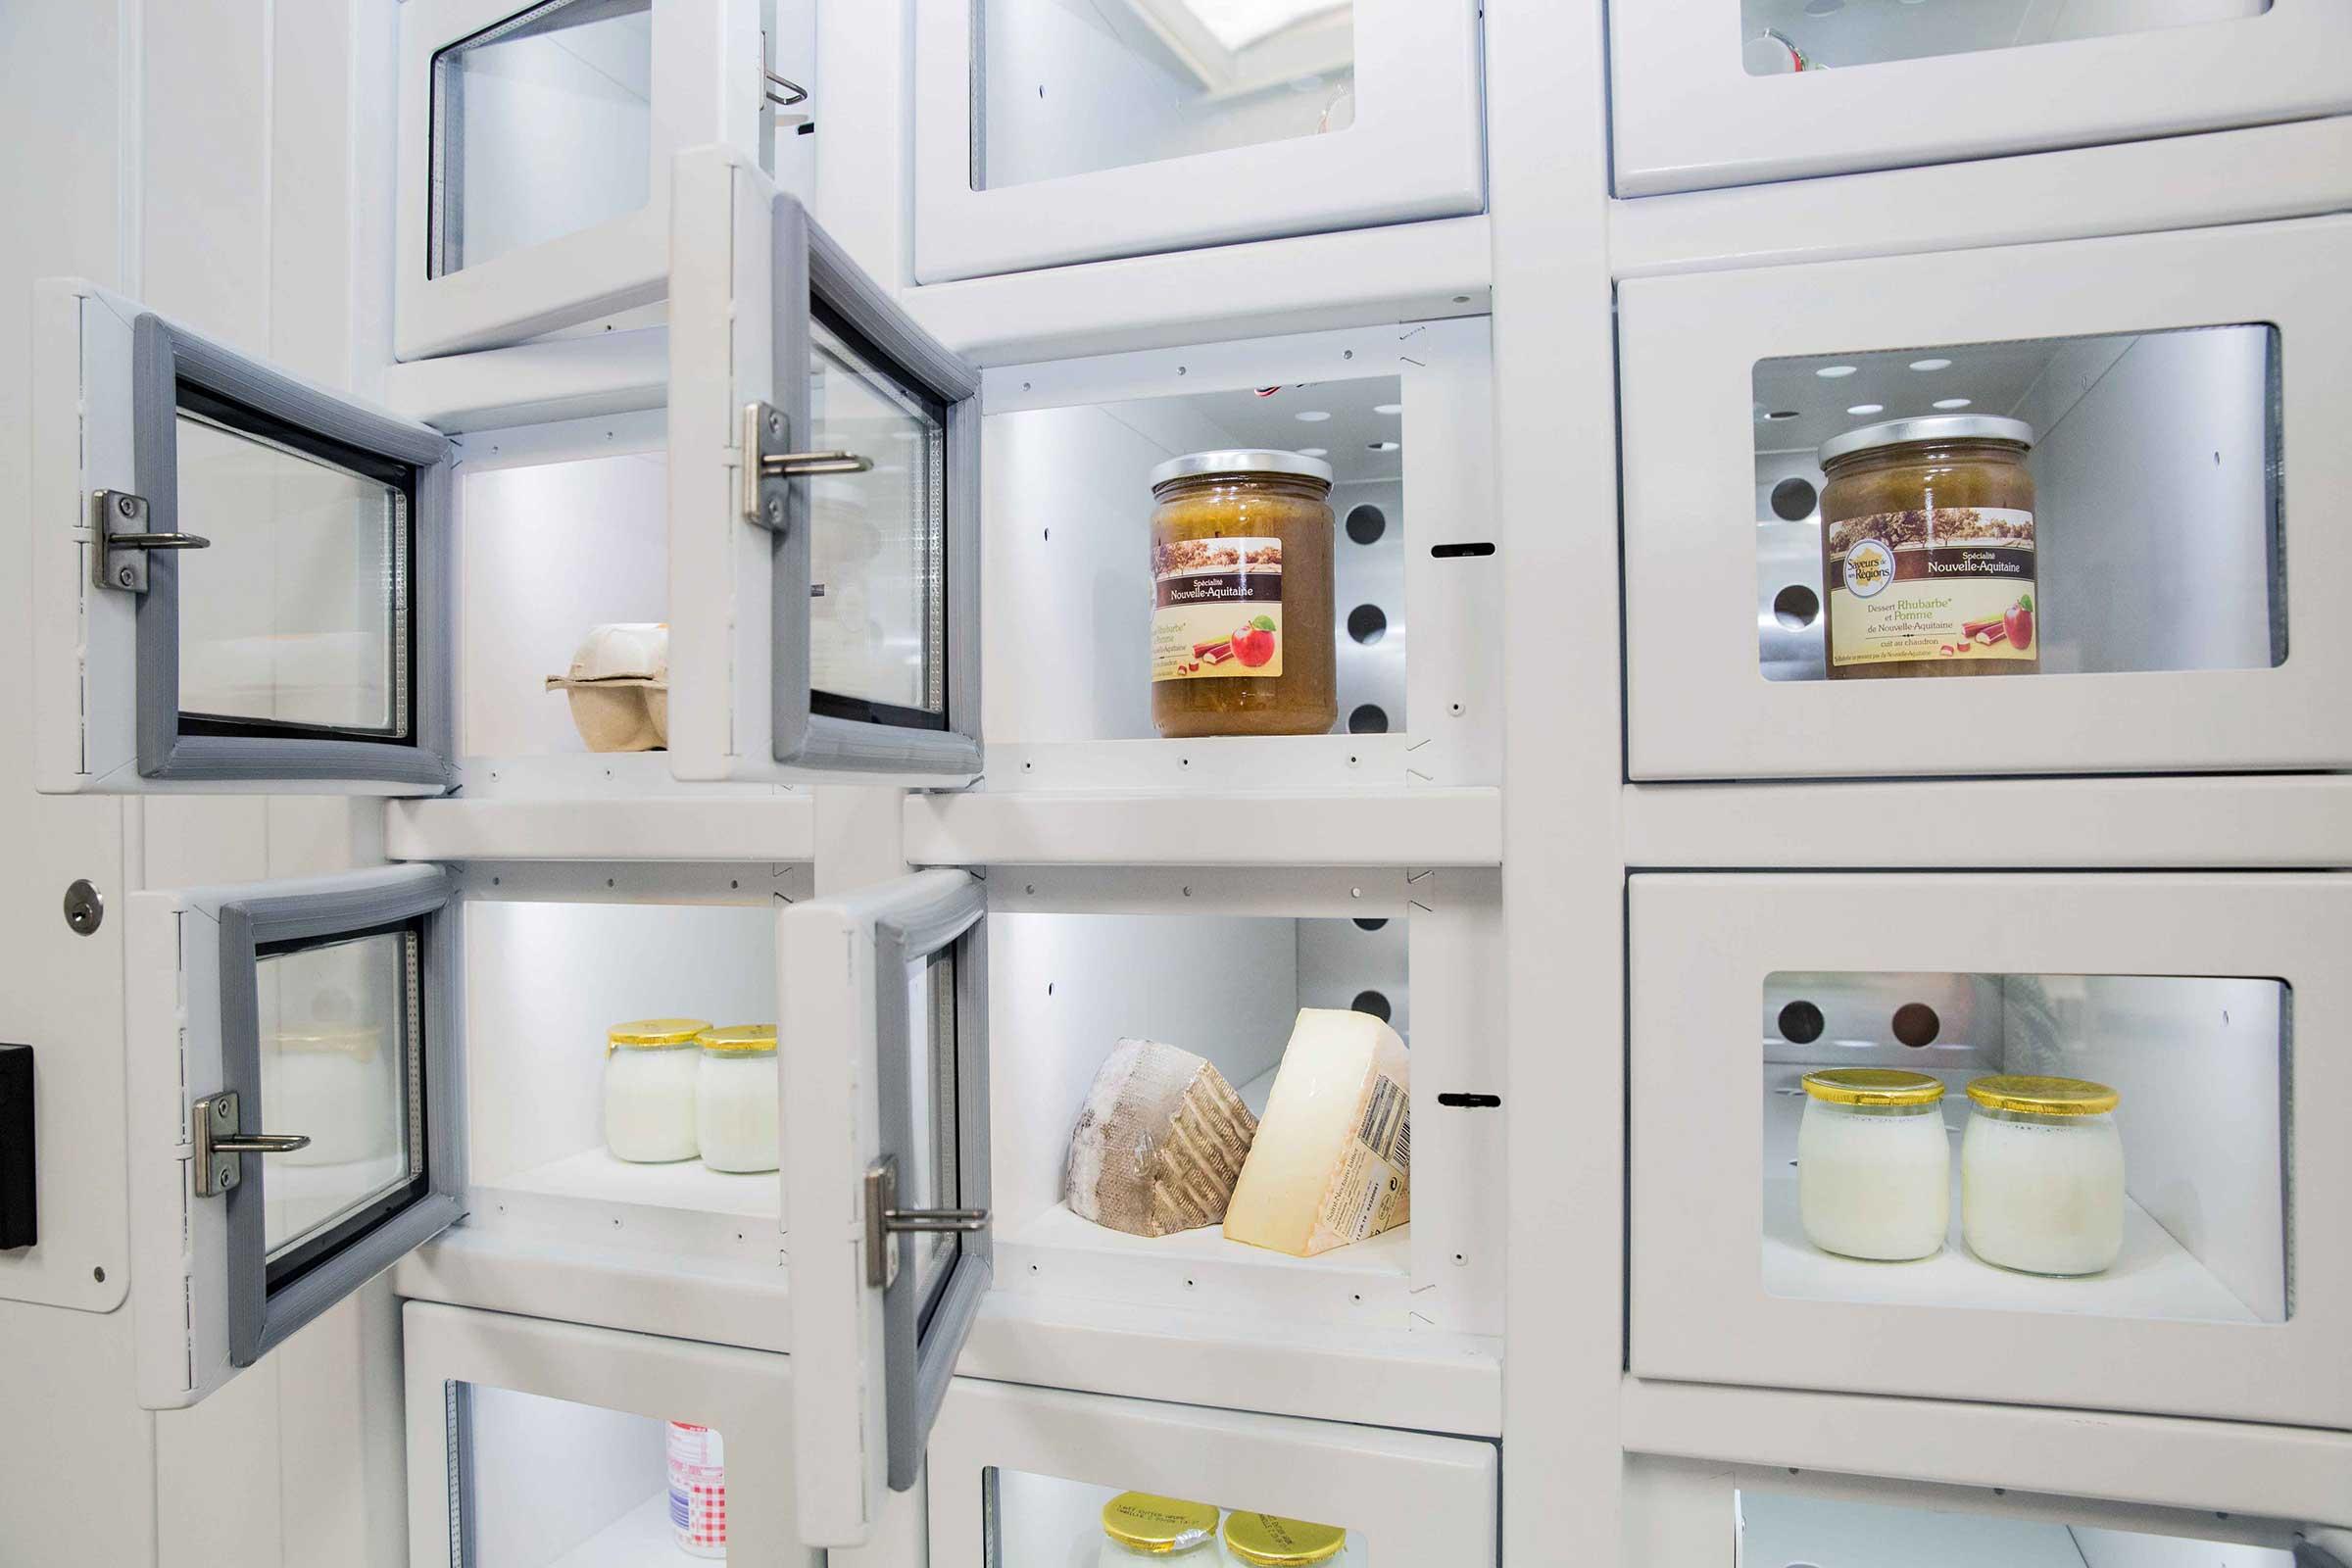 Productos lácteos en un casier français, el distribuidor automático de productores independientes.